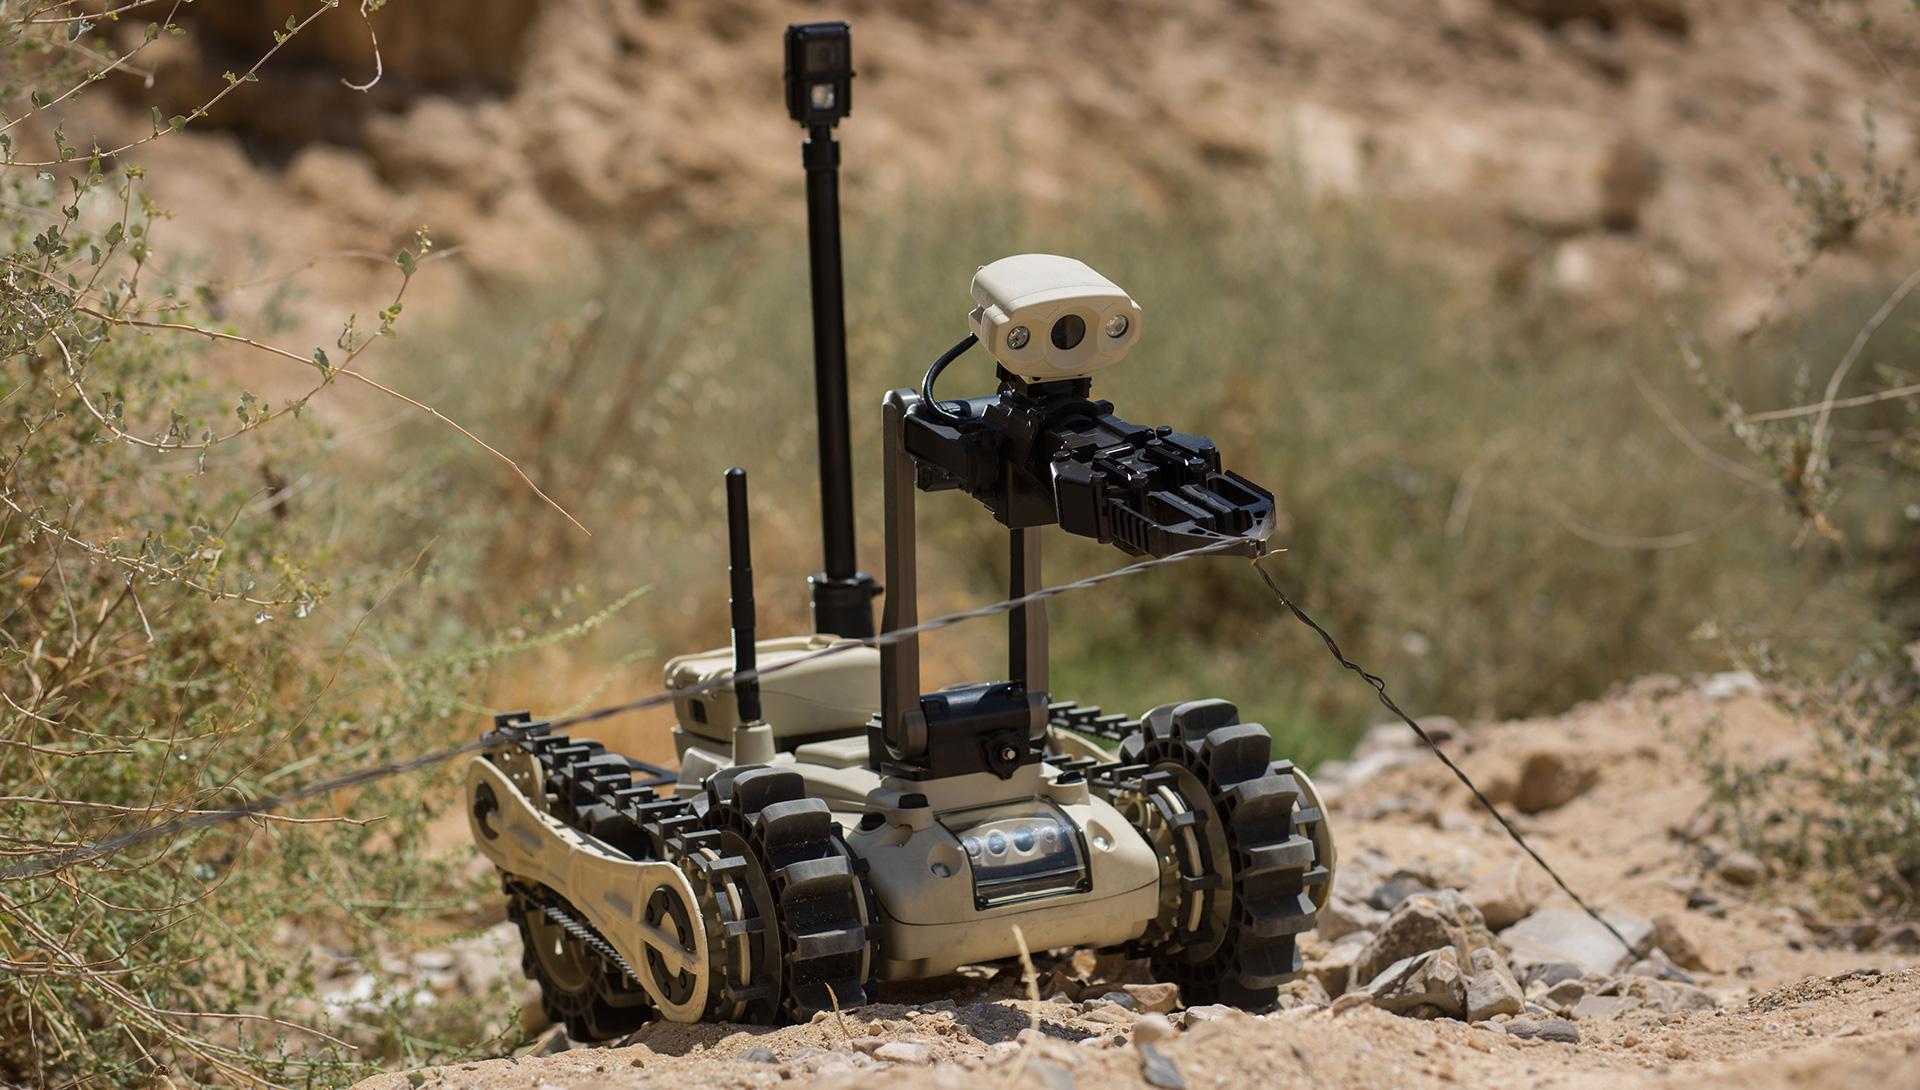 Военные роботы и их разработчики. Часть 2